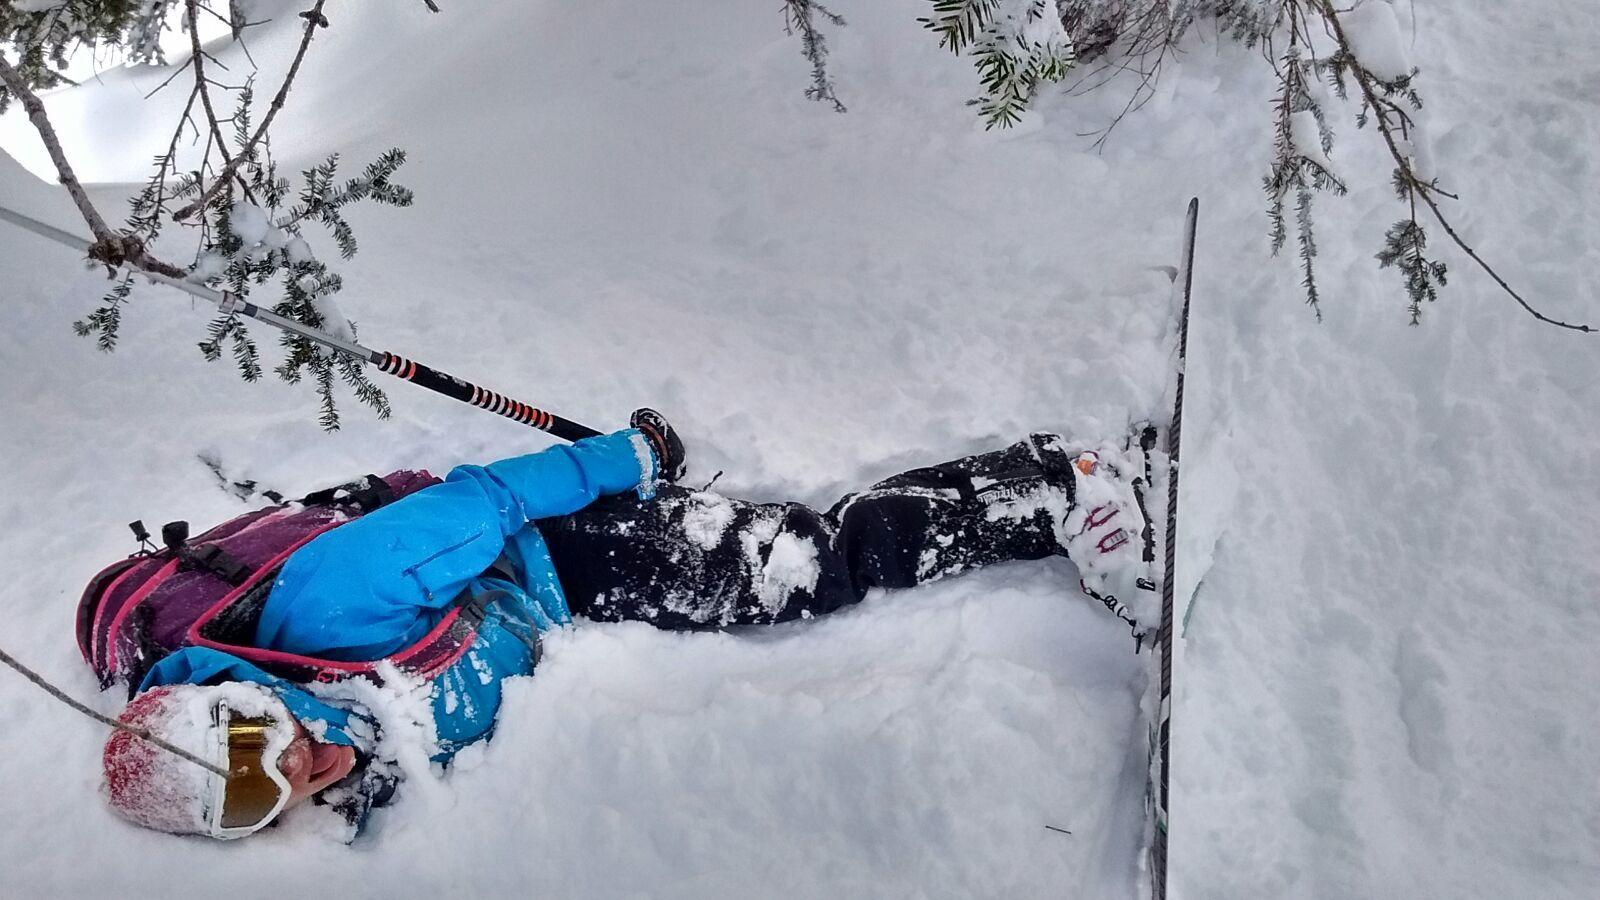 Adeline, plutôt skieuse dans l'âme: la neige c'est bon...mais pas éternelle. Du coup, l'été je troque quand même les skis pour les grosses et les chaussons pour couiner au bout d'une corde. Mon  objectif: gagner en confiance et en expérience en alpi pour appréhender plus sereinement les magnifiques sommets de nos montagnes, le tout en bonne compagnie!